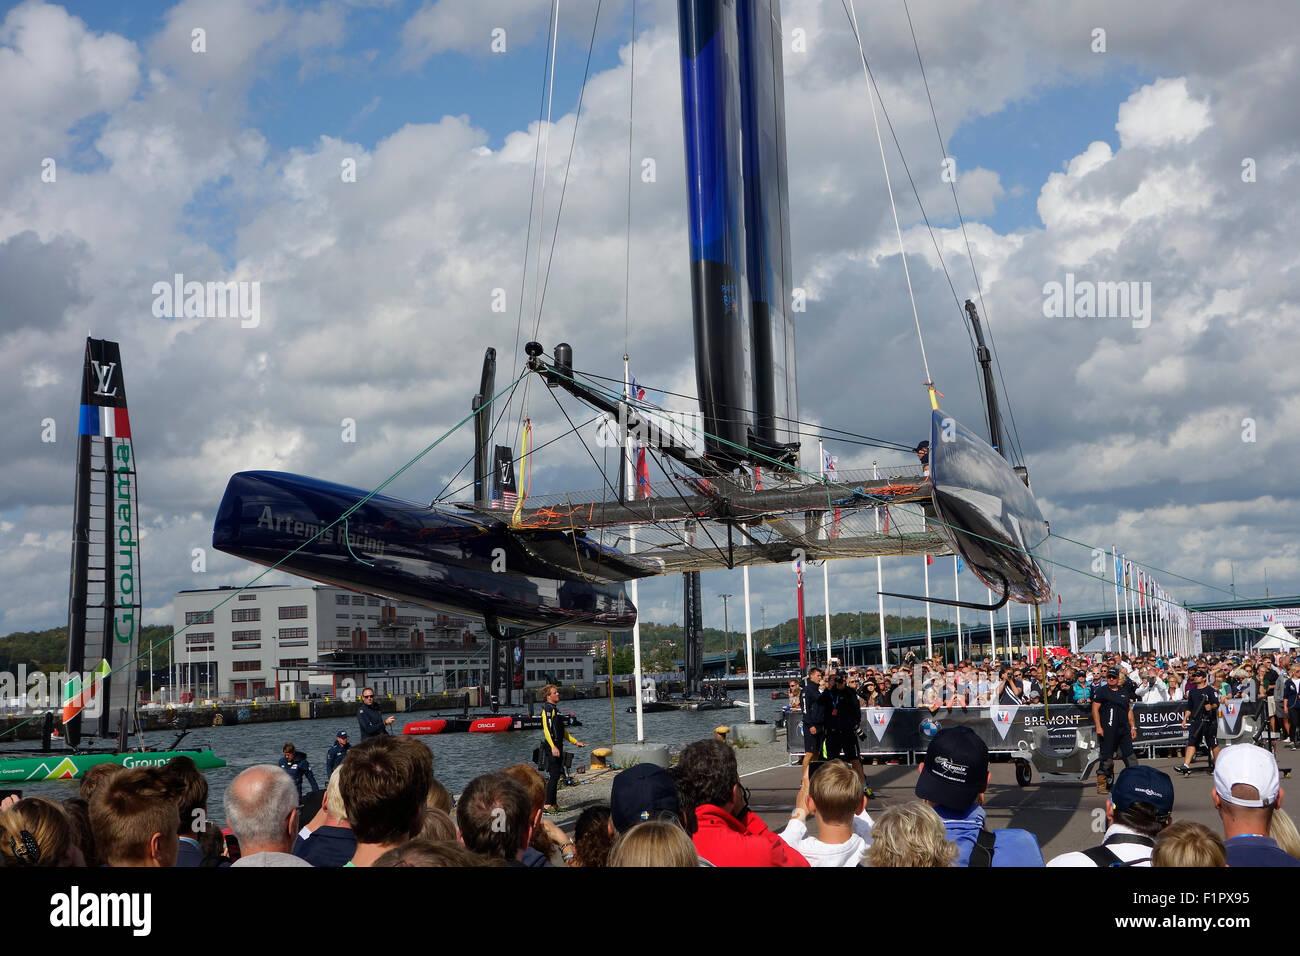 Les gens se rassemblent et se saisir de l'occasion de voir Swedish America's Cup 72 catamaran de classe ci-dessous lorsqu'il est soulevé pour la voile aile r Banque D'Images